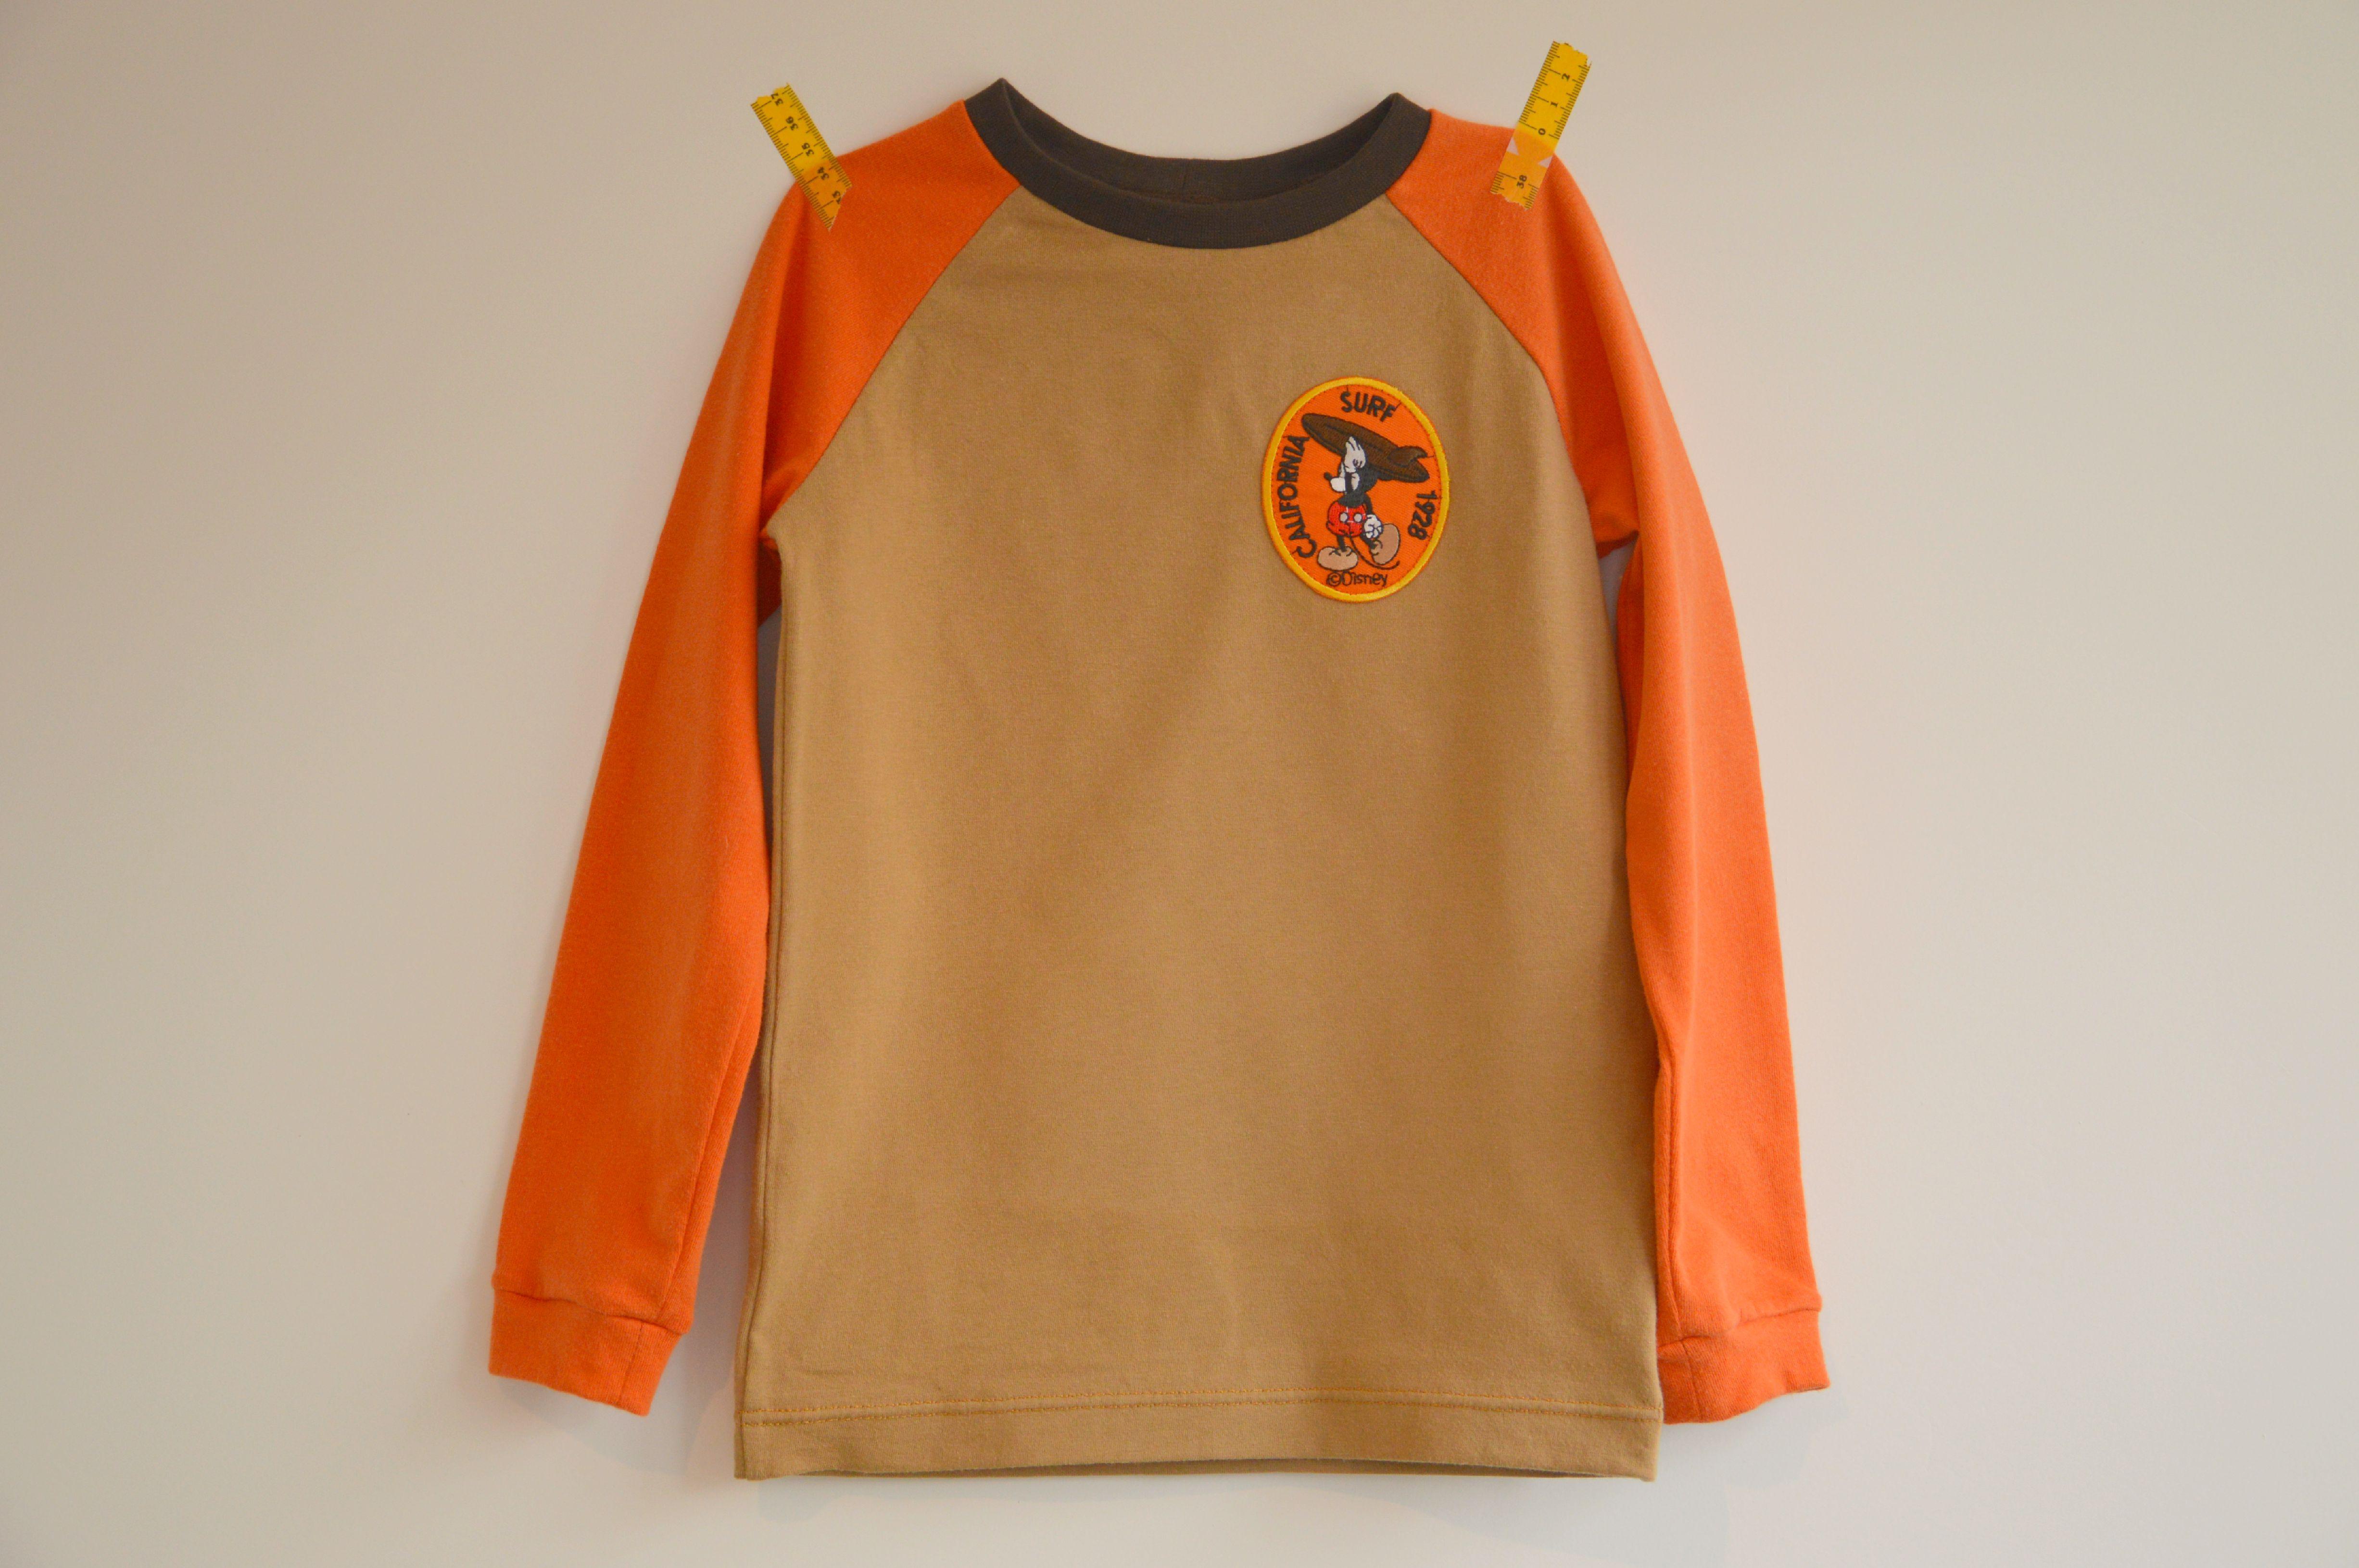 Welp T Shirt Jurk Maken #LZX64 - AgnesWaMu RE-85